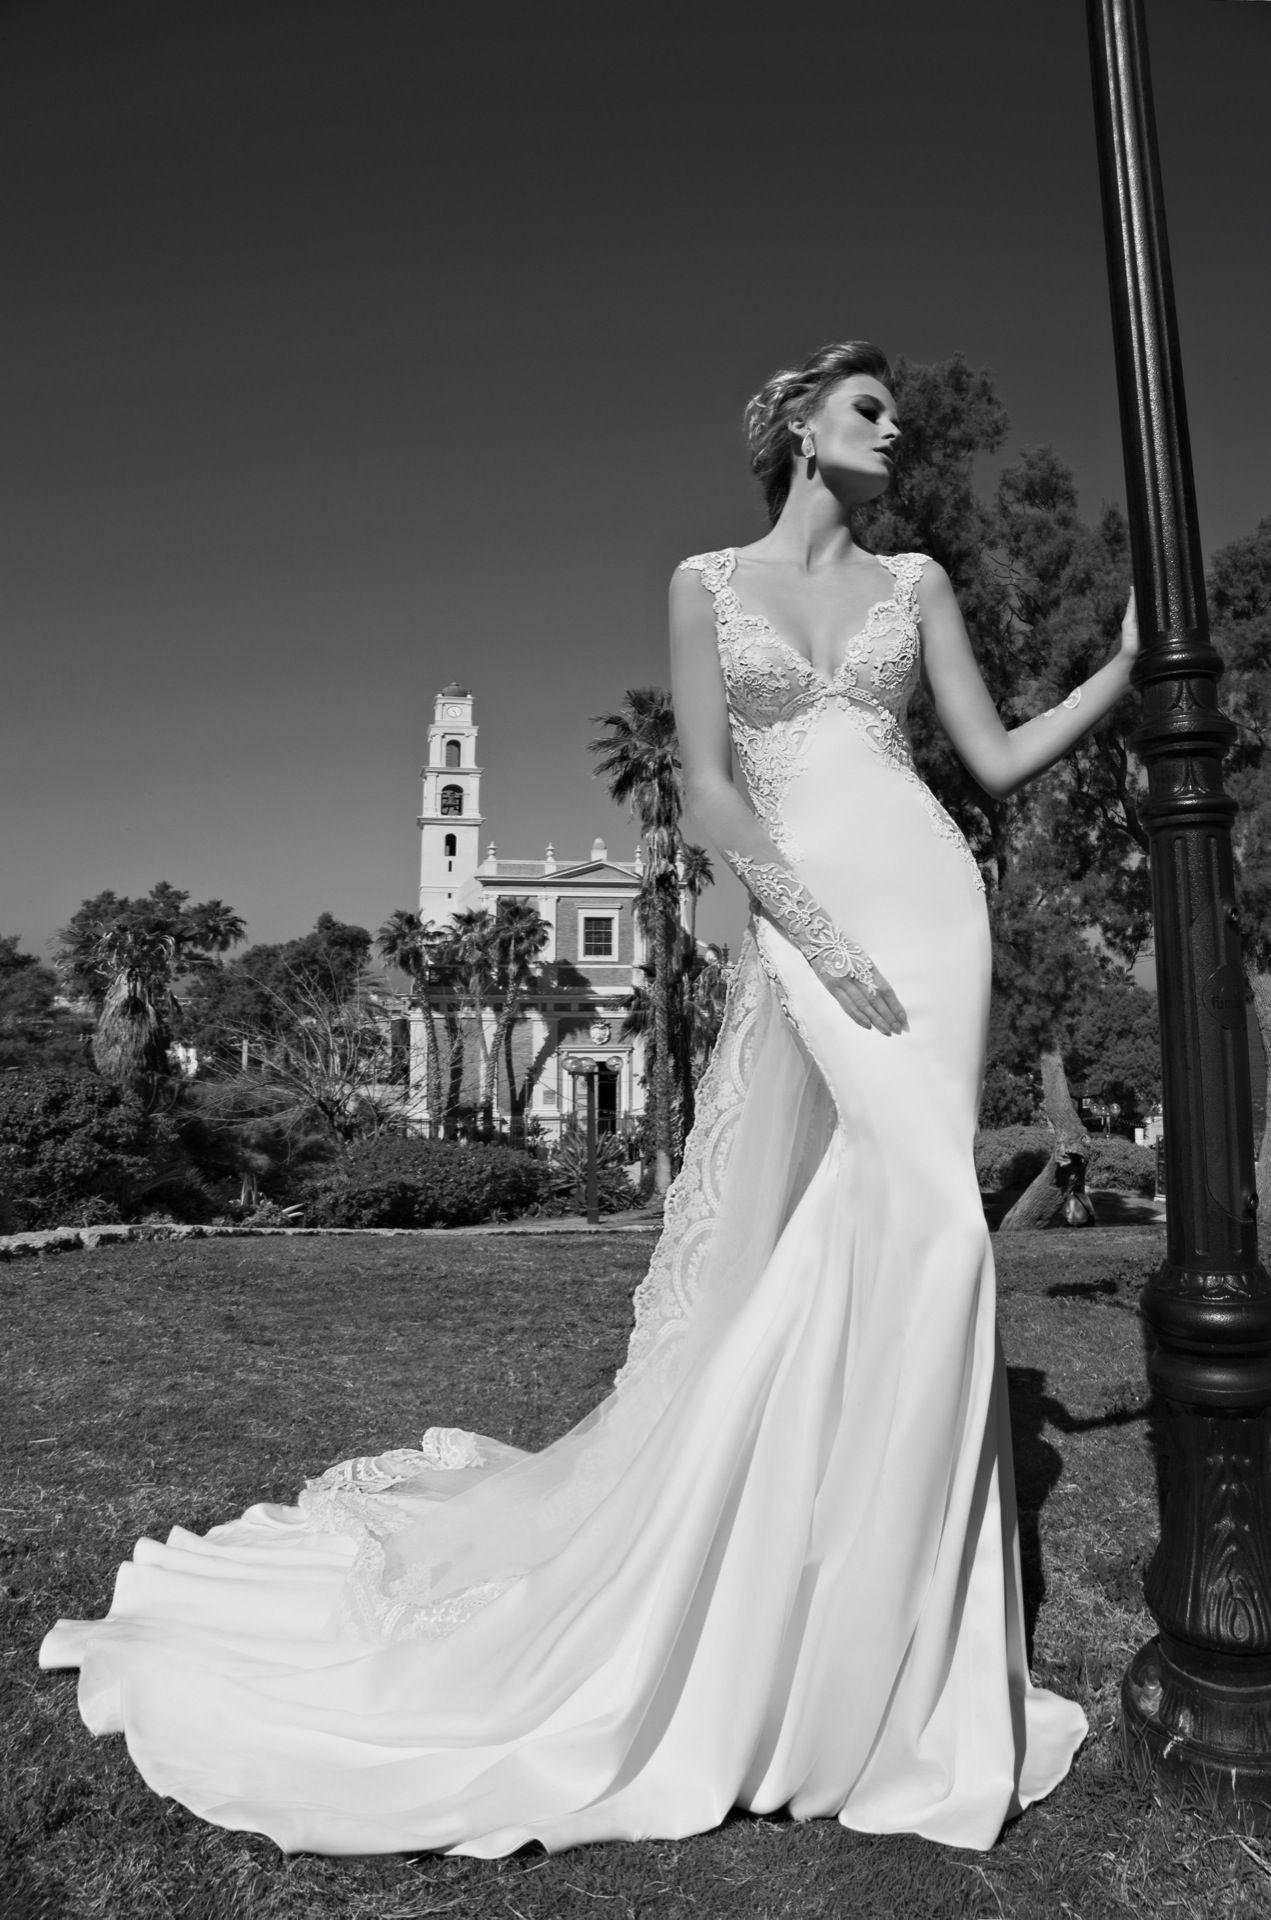 Sarah burton wedding dress  La Dolce Vita  Vestidos de novia  Pinterest  La dolce vita Galia